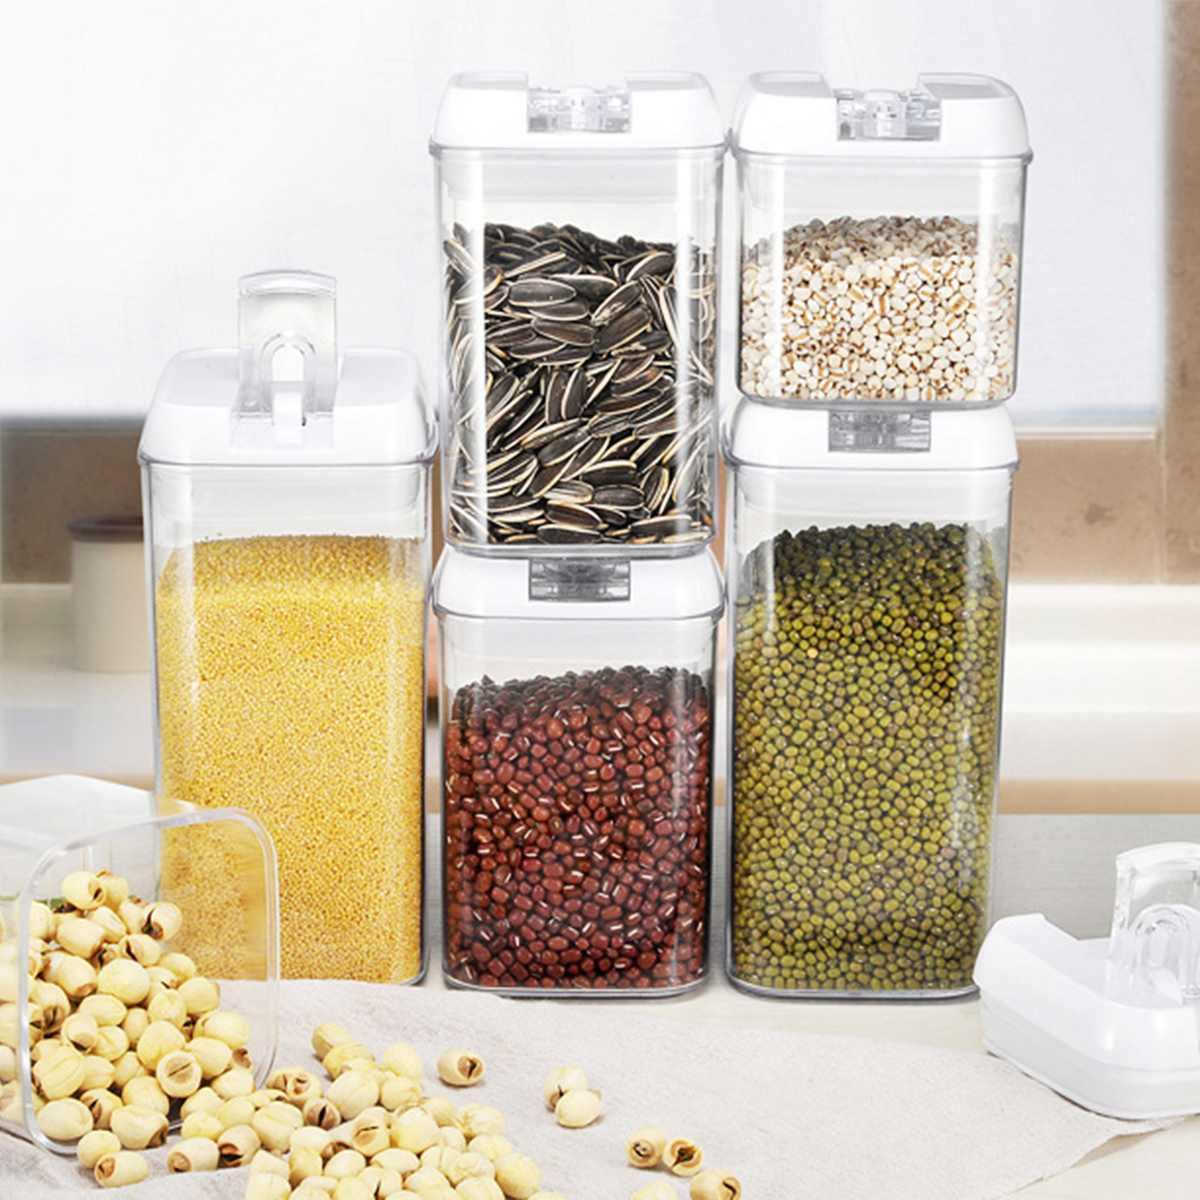 متعددة السعة البلاستيك الغذاء صندوق تخزين وجبات خفيفة عنب مجفف متعدد الحبوب مستودعات التخزين حاويات المطبخ علب شفافة مختومة